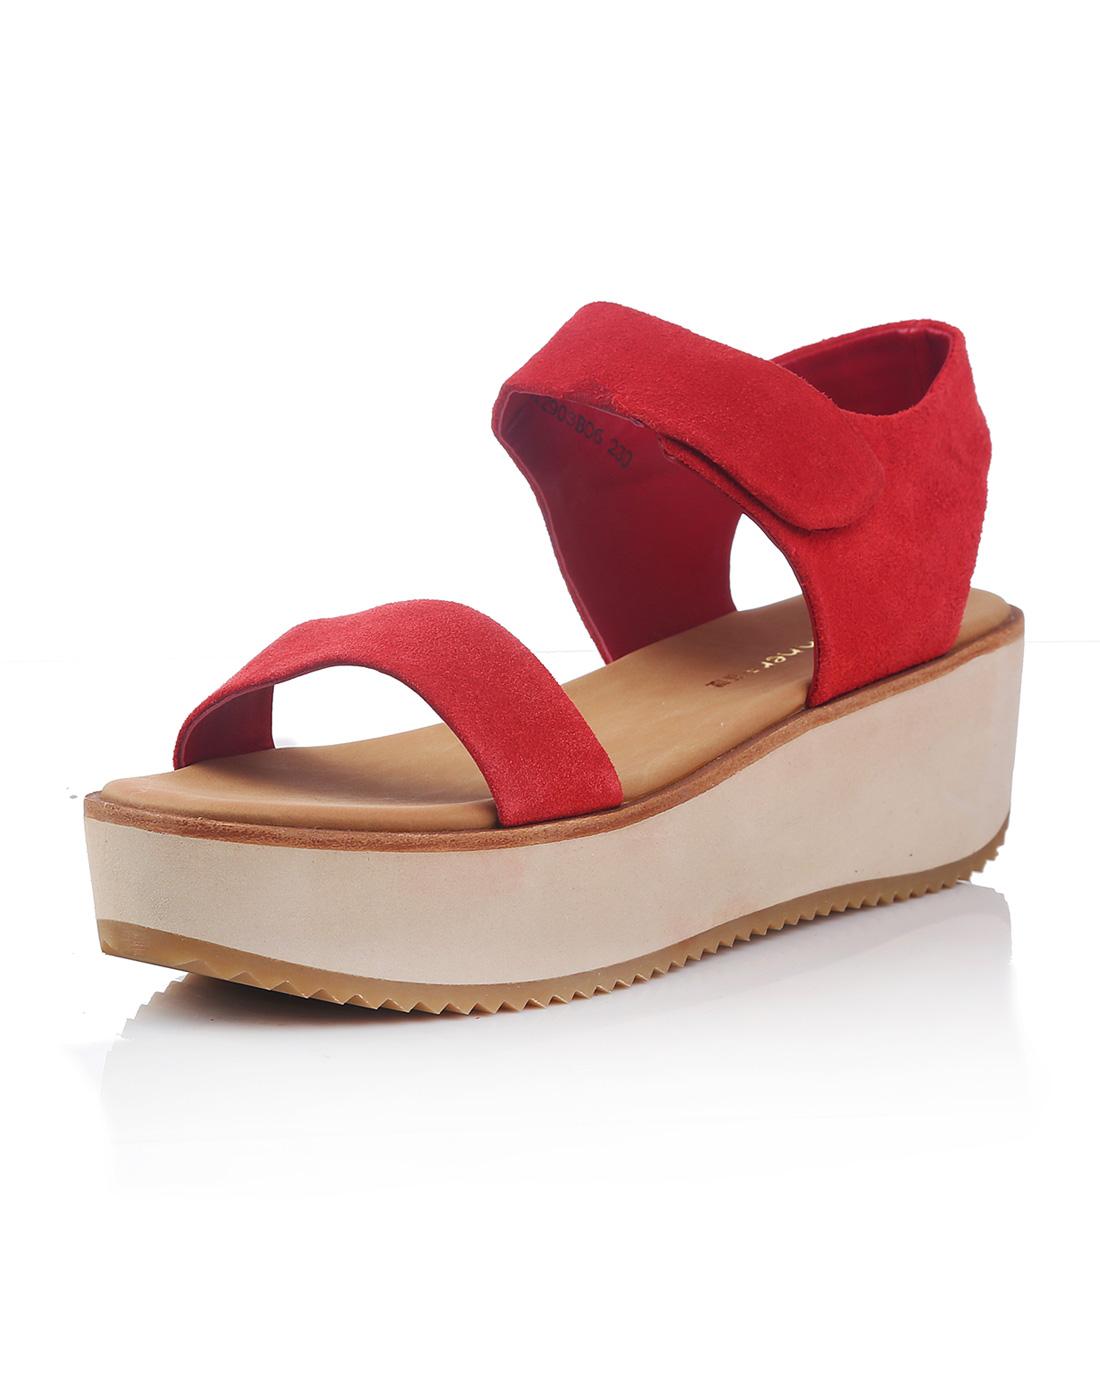 女款红色田园风情简约厚底凉鞋